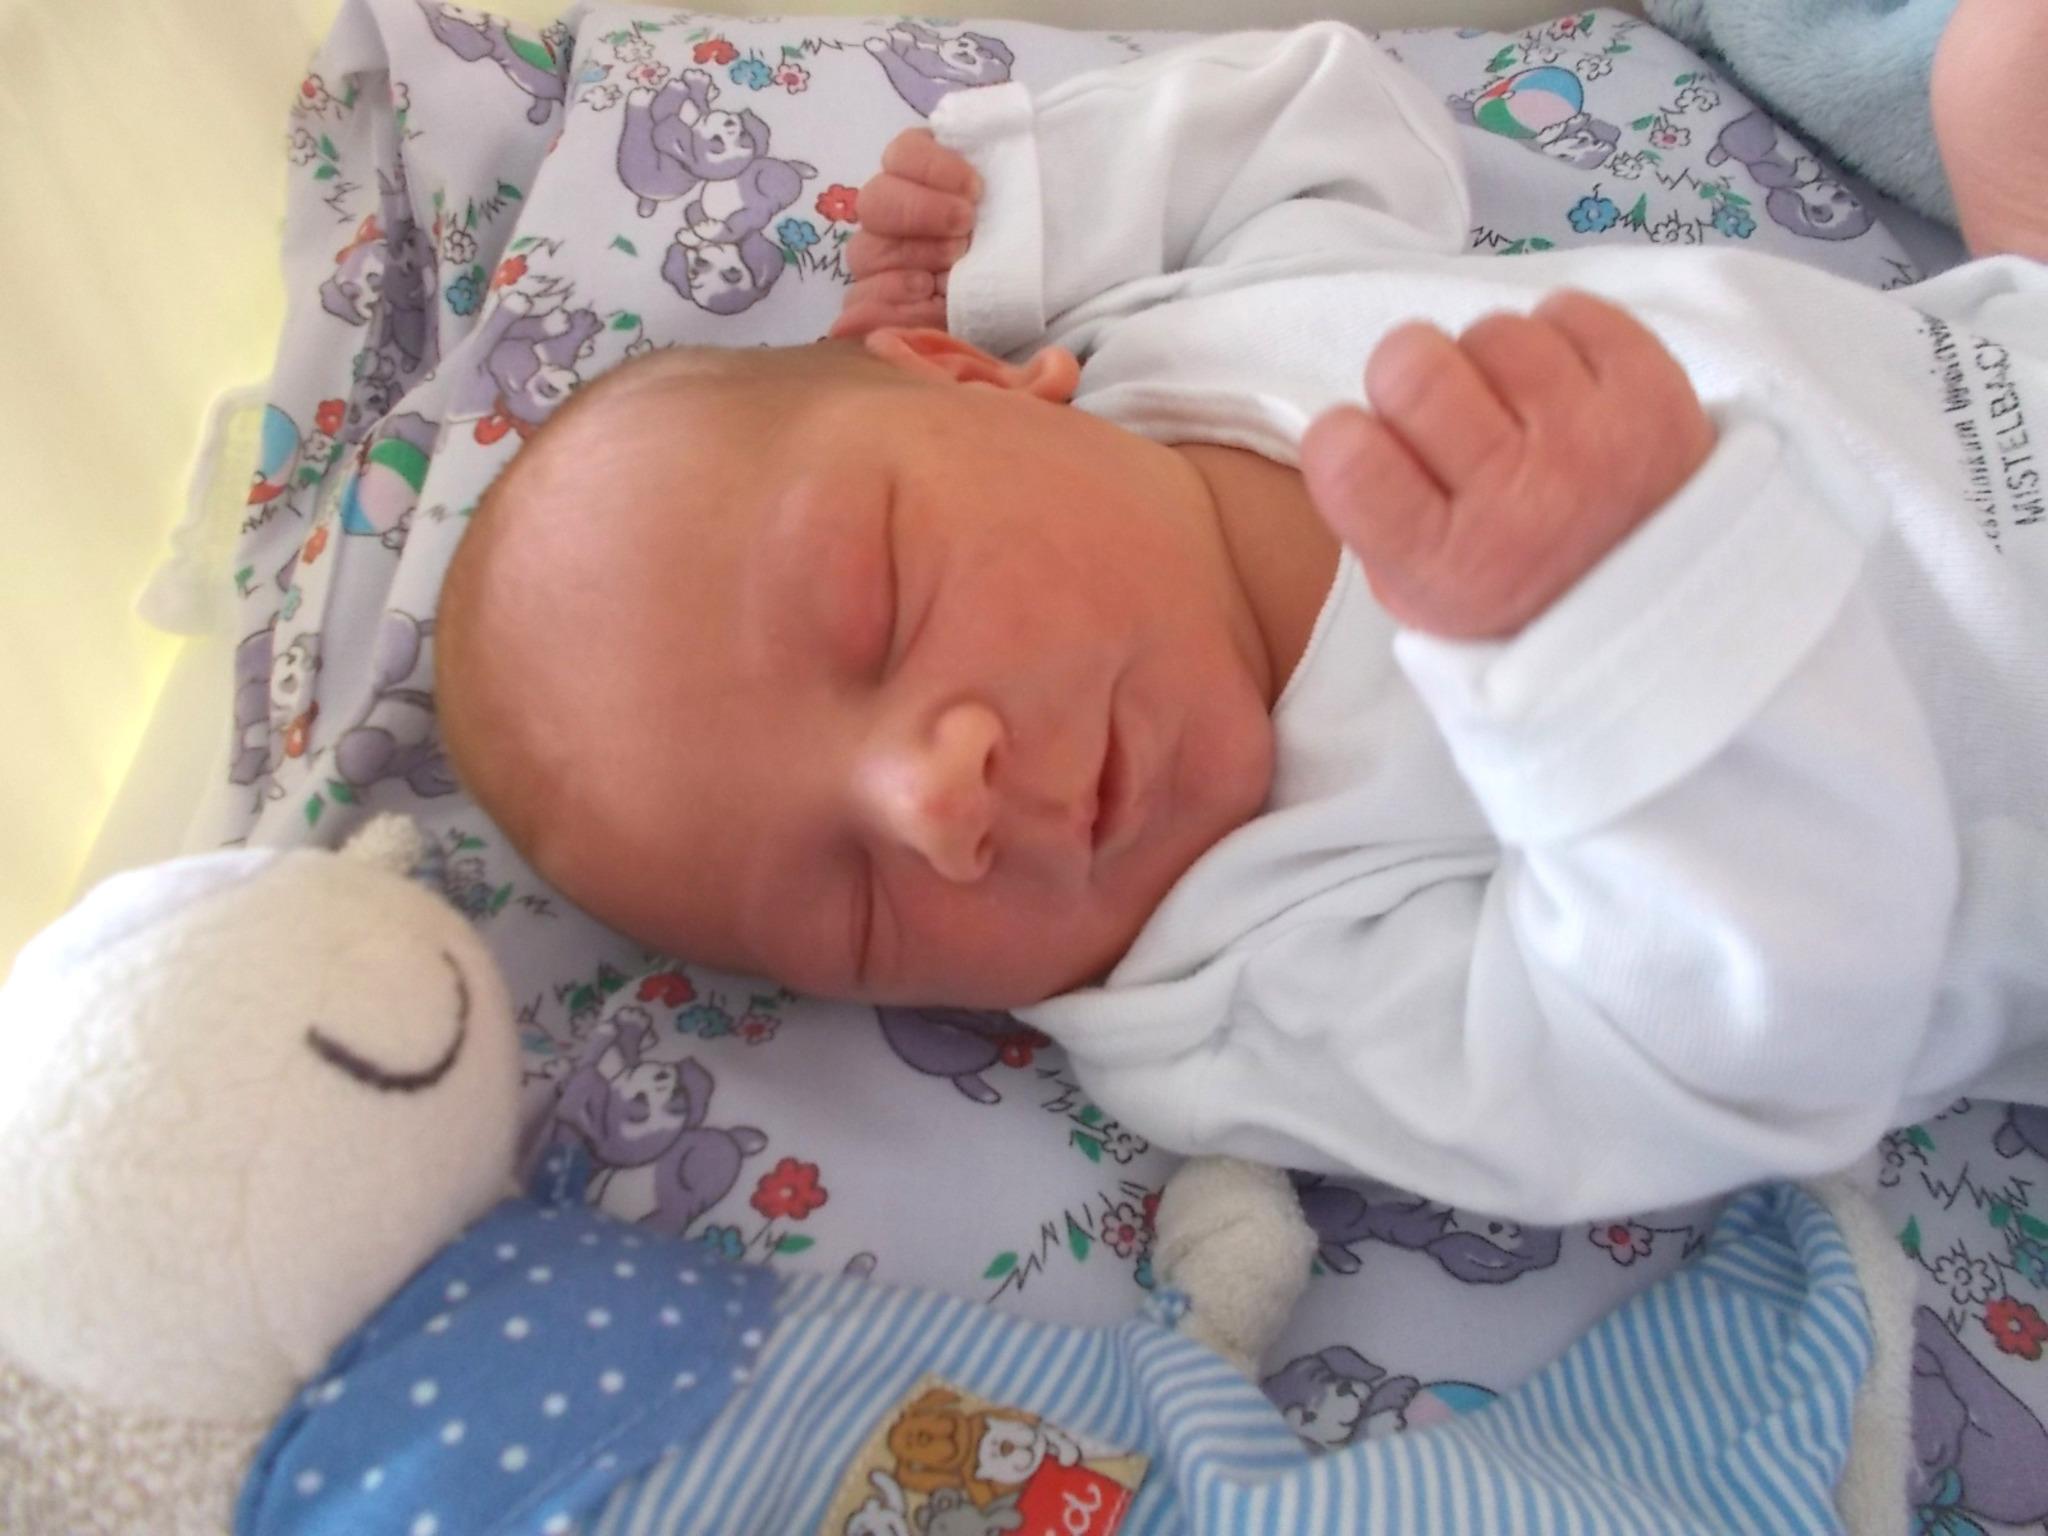 ced50d61f6 Babys der Woche 41 - Korneuburg